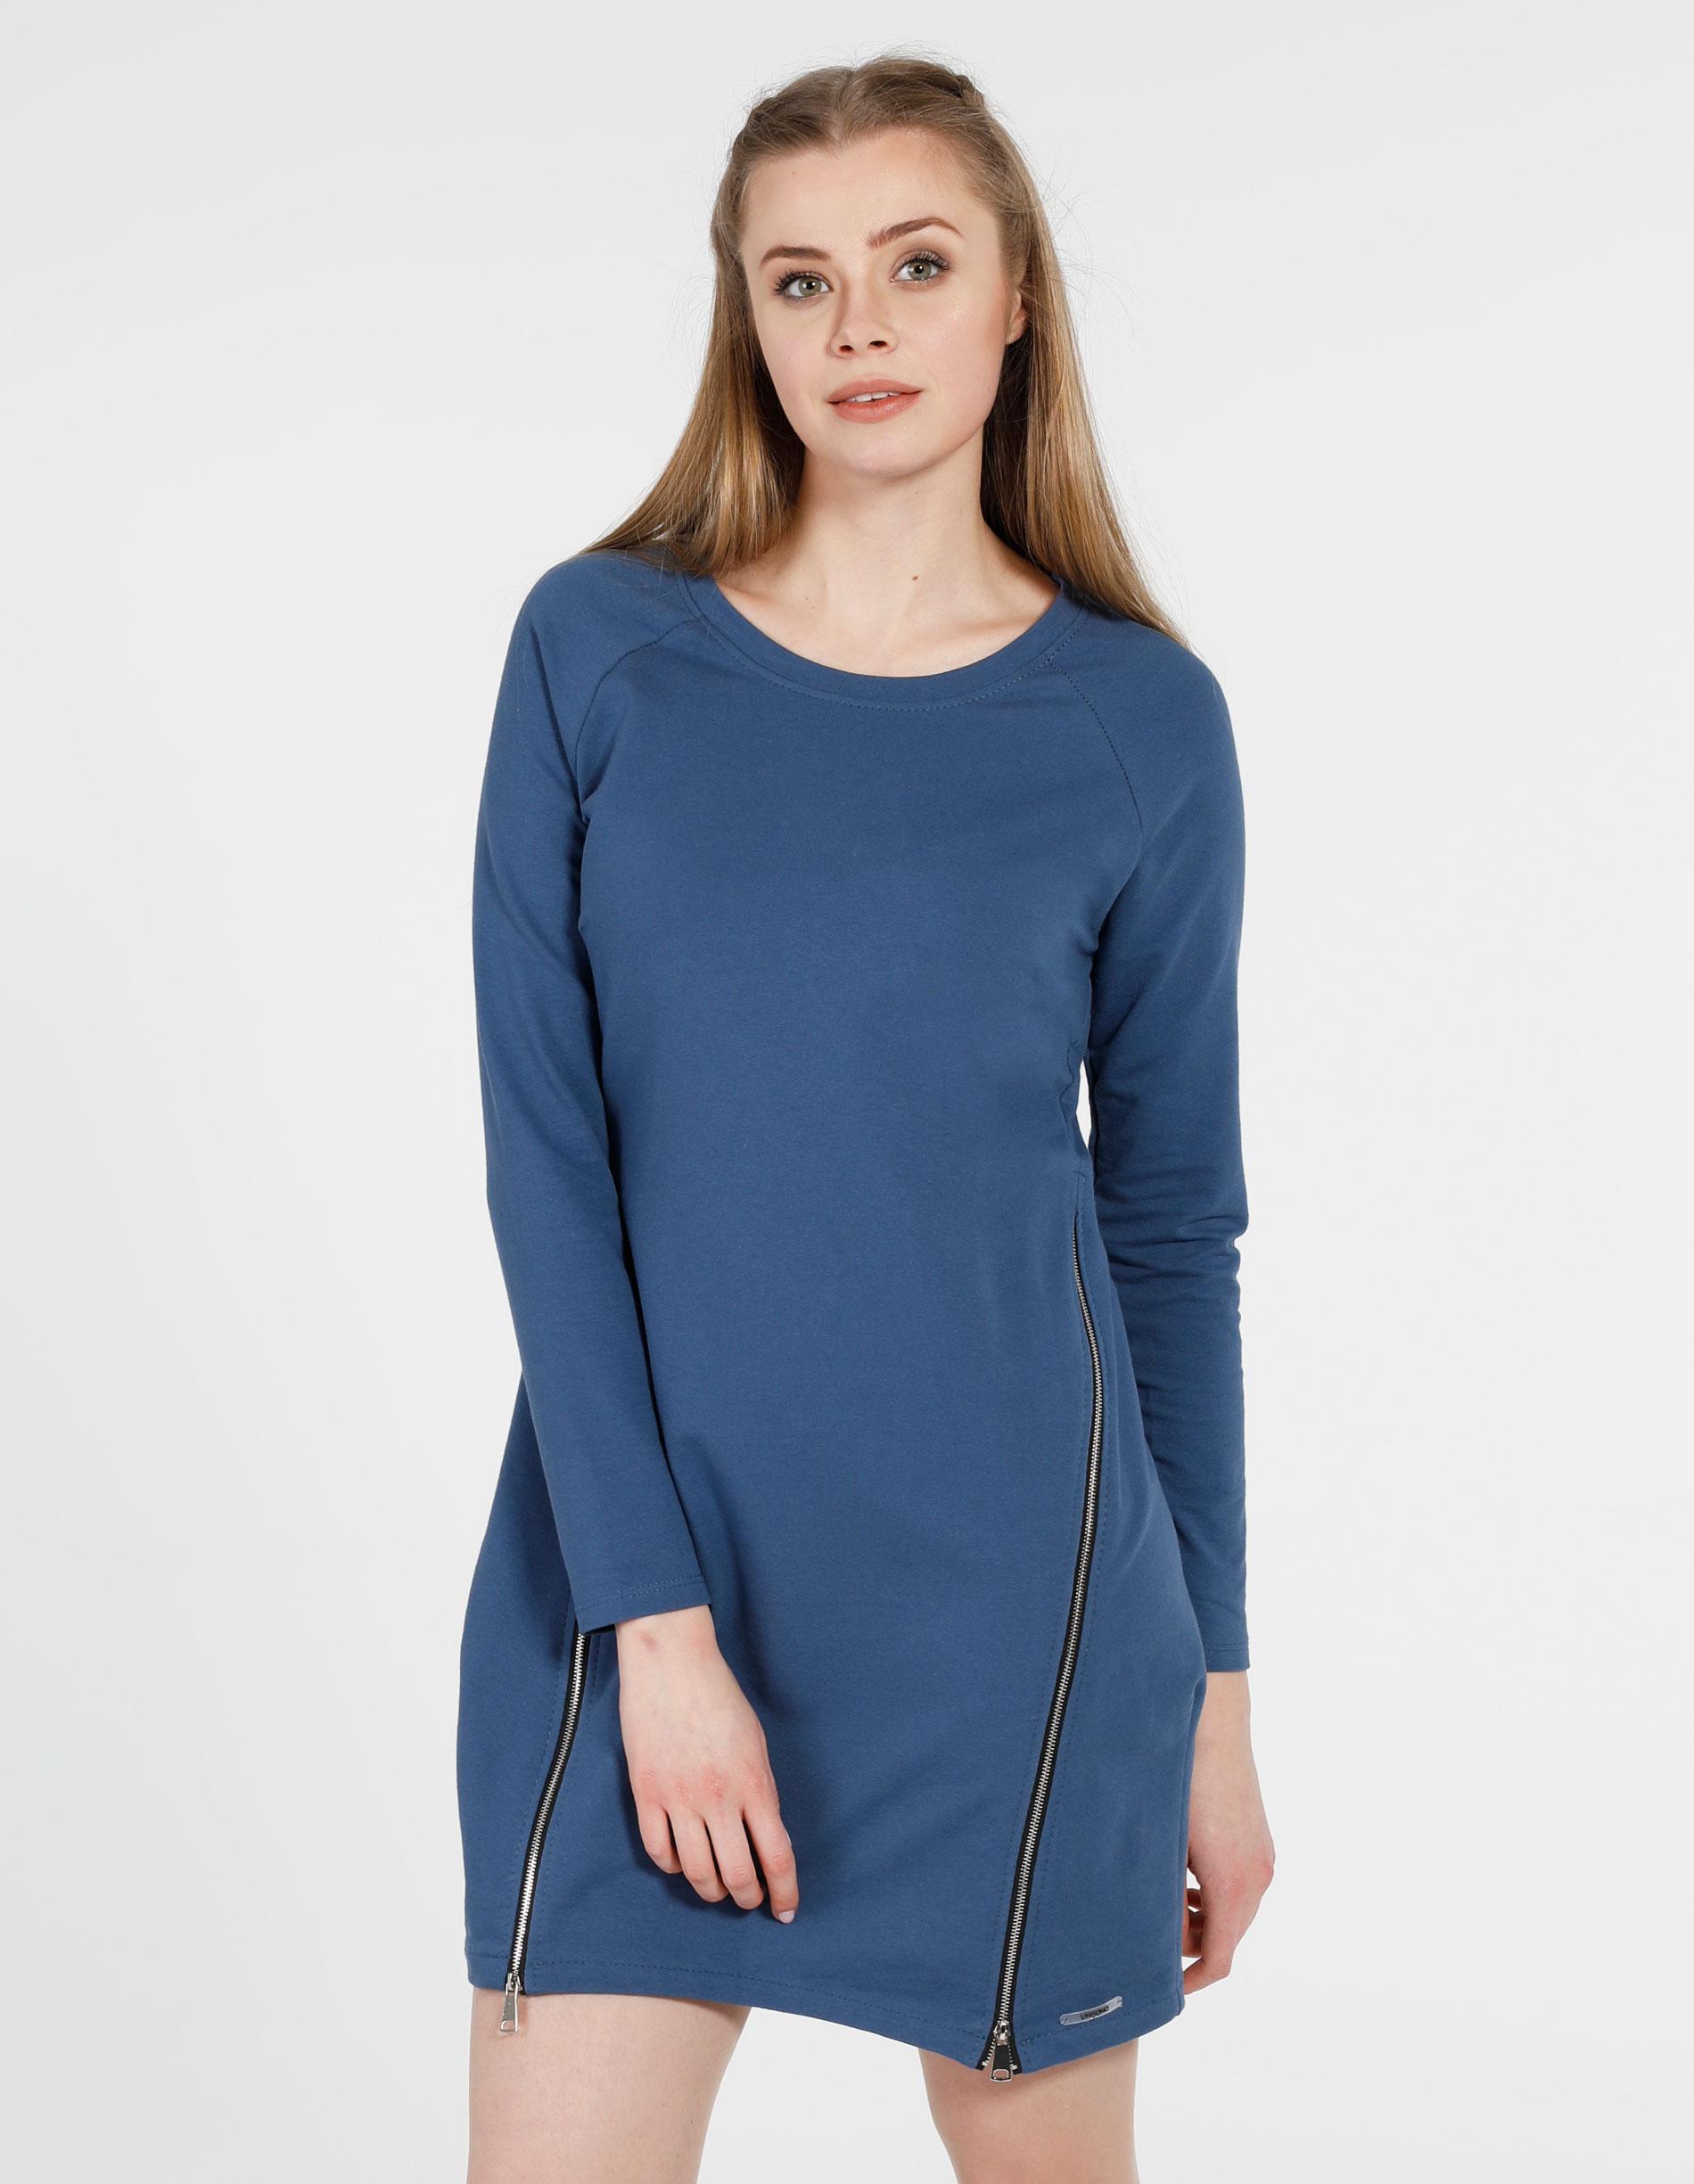 Sukienka - 30-88033 LAVA - Unisono